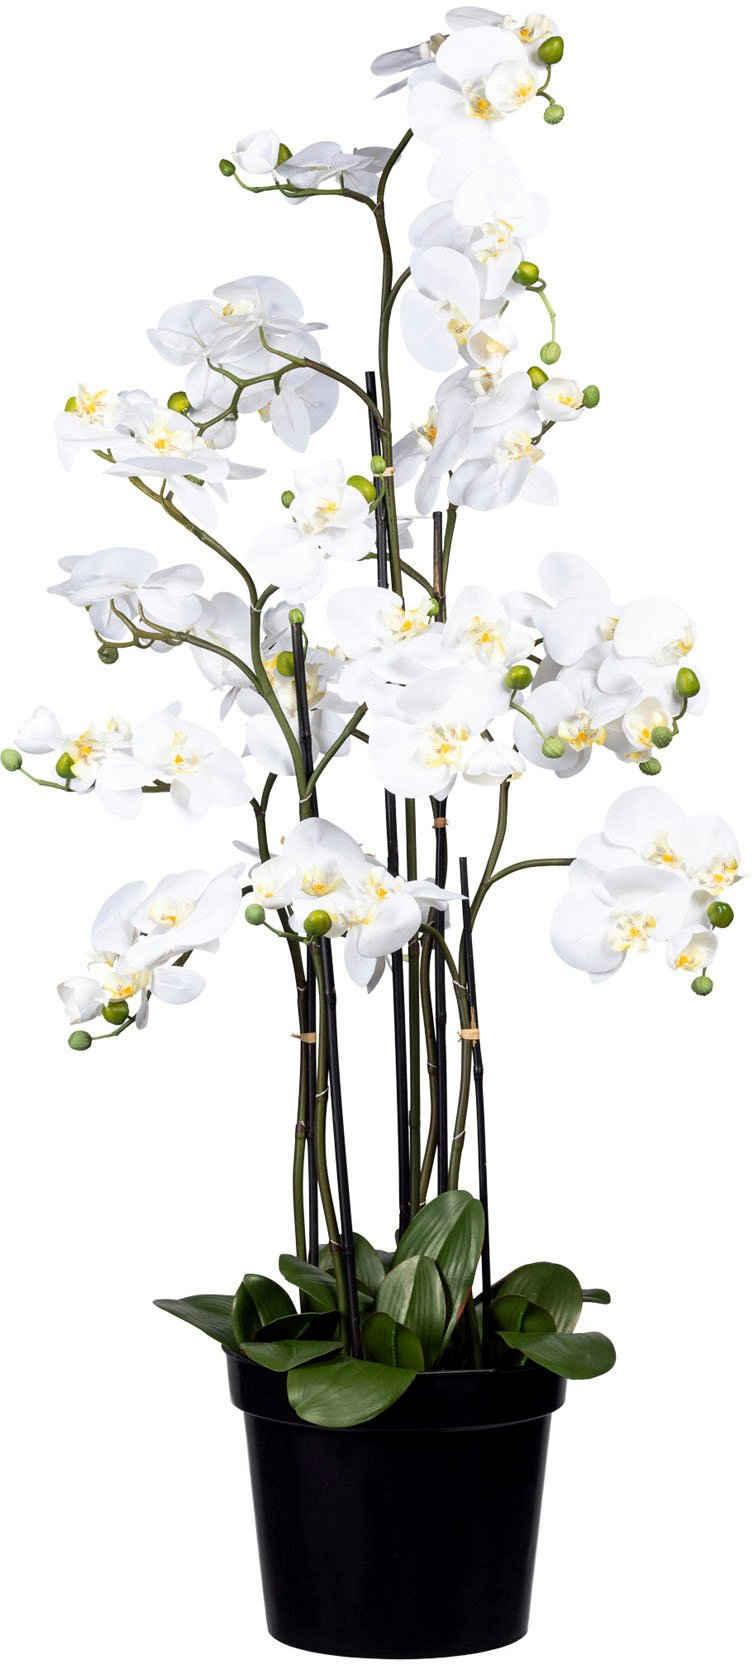 Kunstorchidee »Phalaenopsis« Orchidee Phalaenopsis, Creativ green, Höhe 130 cm